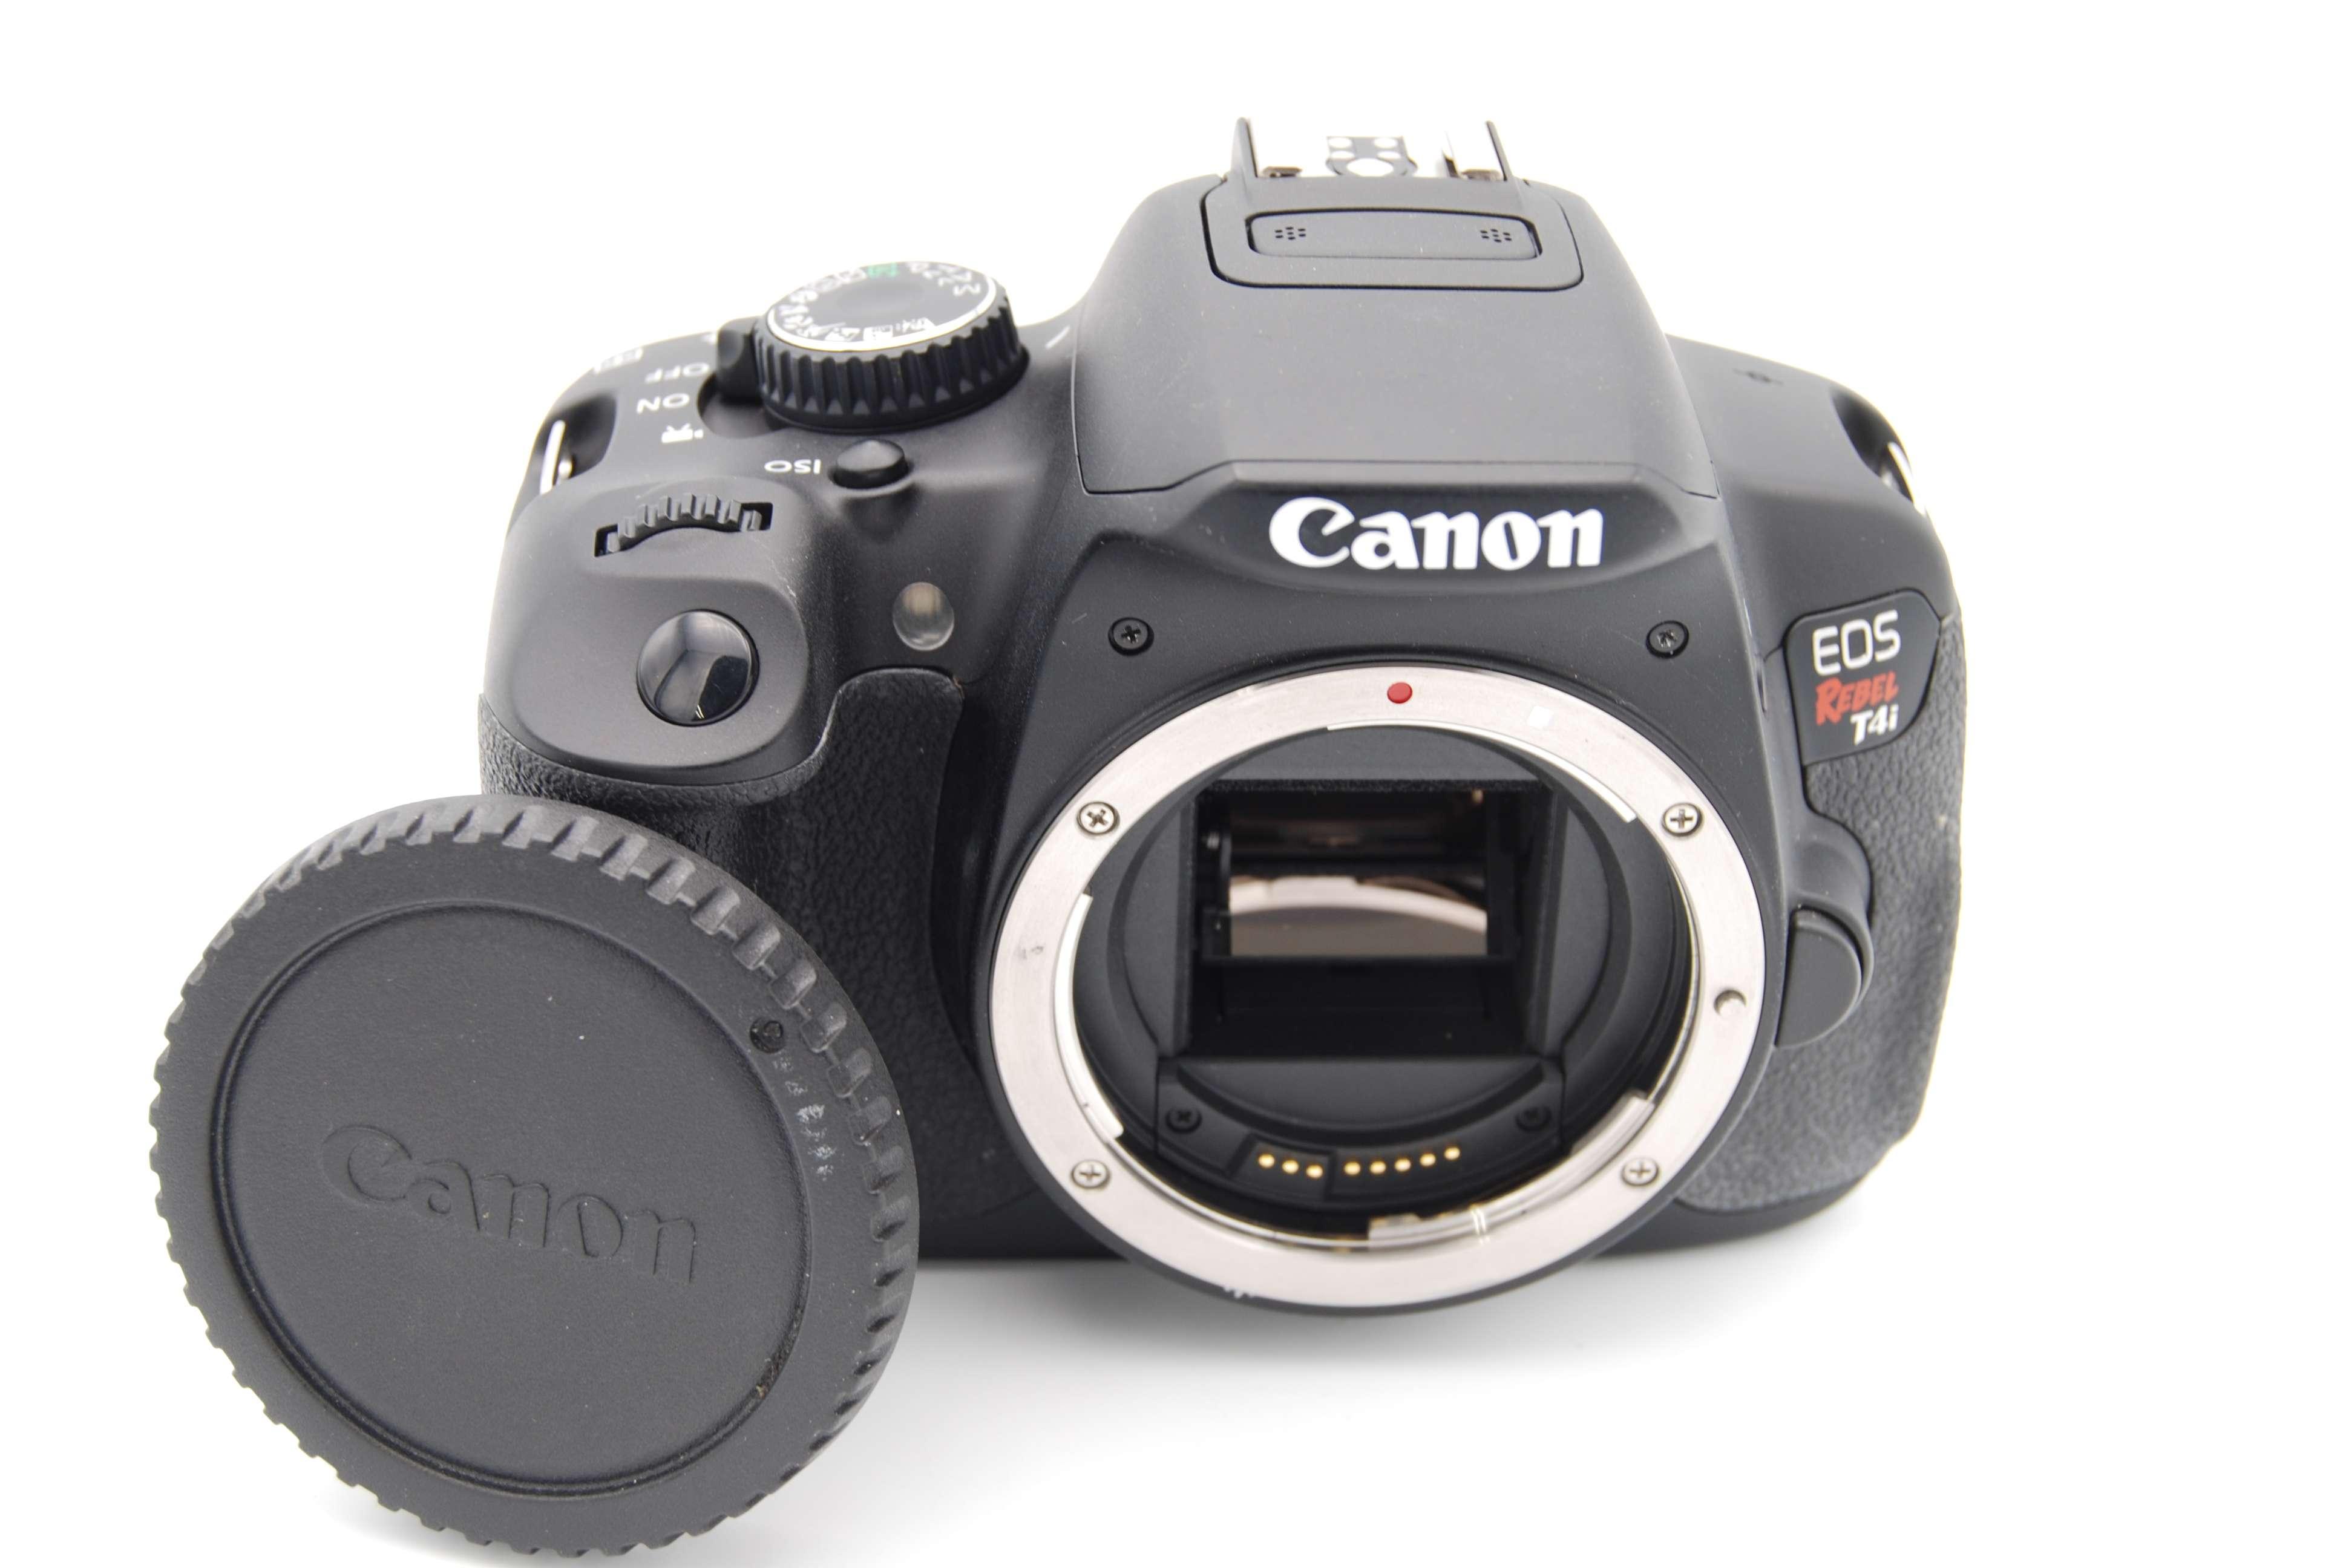 canon eos 650d rebel t4i kiss x6i 18mp 3 39 39 screen dslr camera 13803150605 ebay. Black Bedroom Furniture Sets. Home Design Ideas